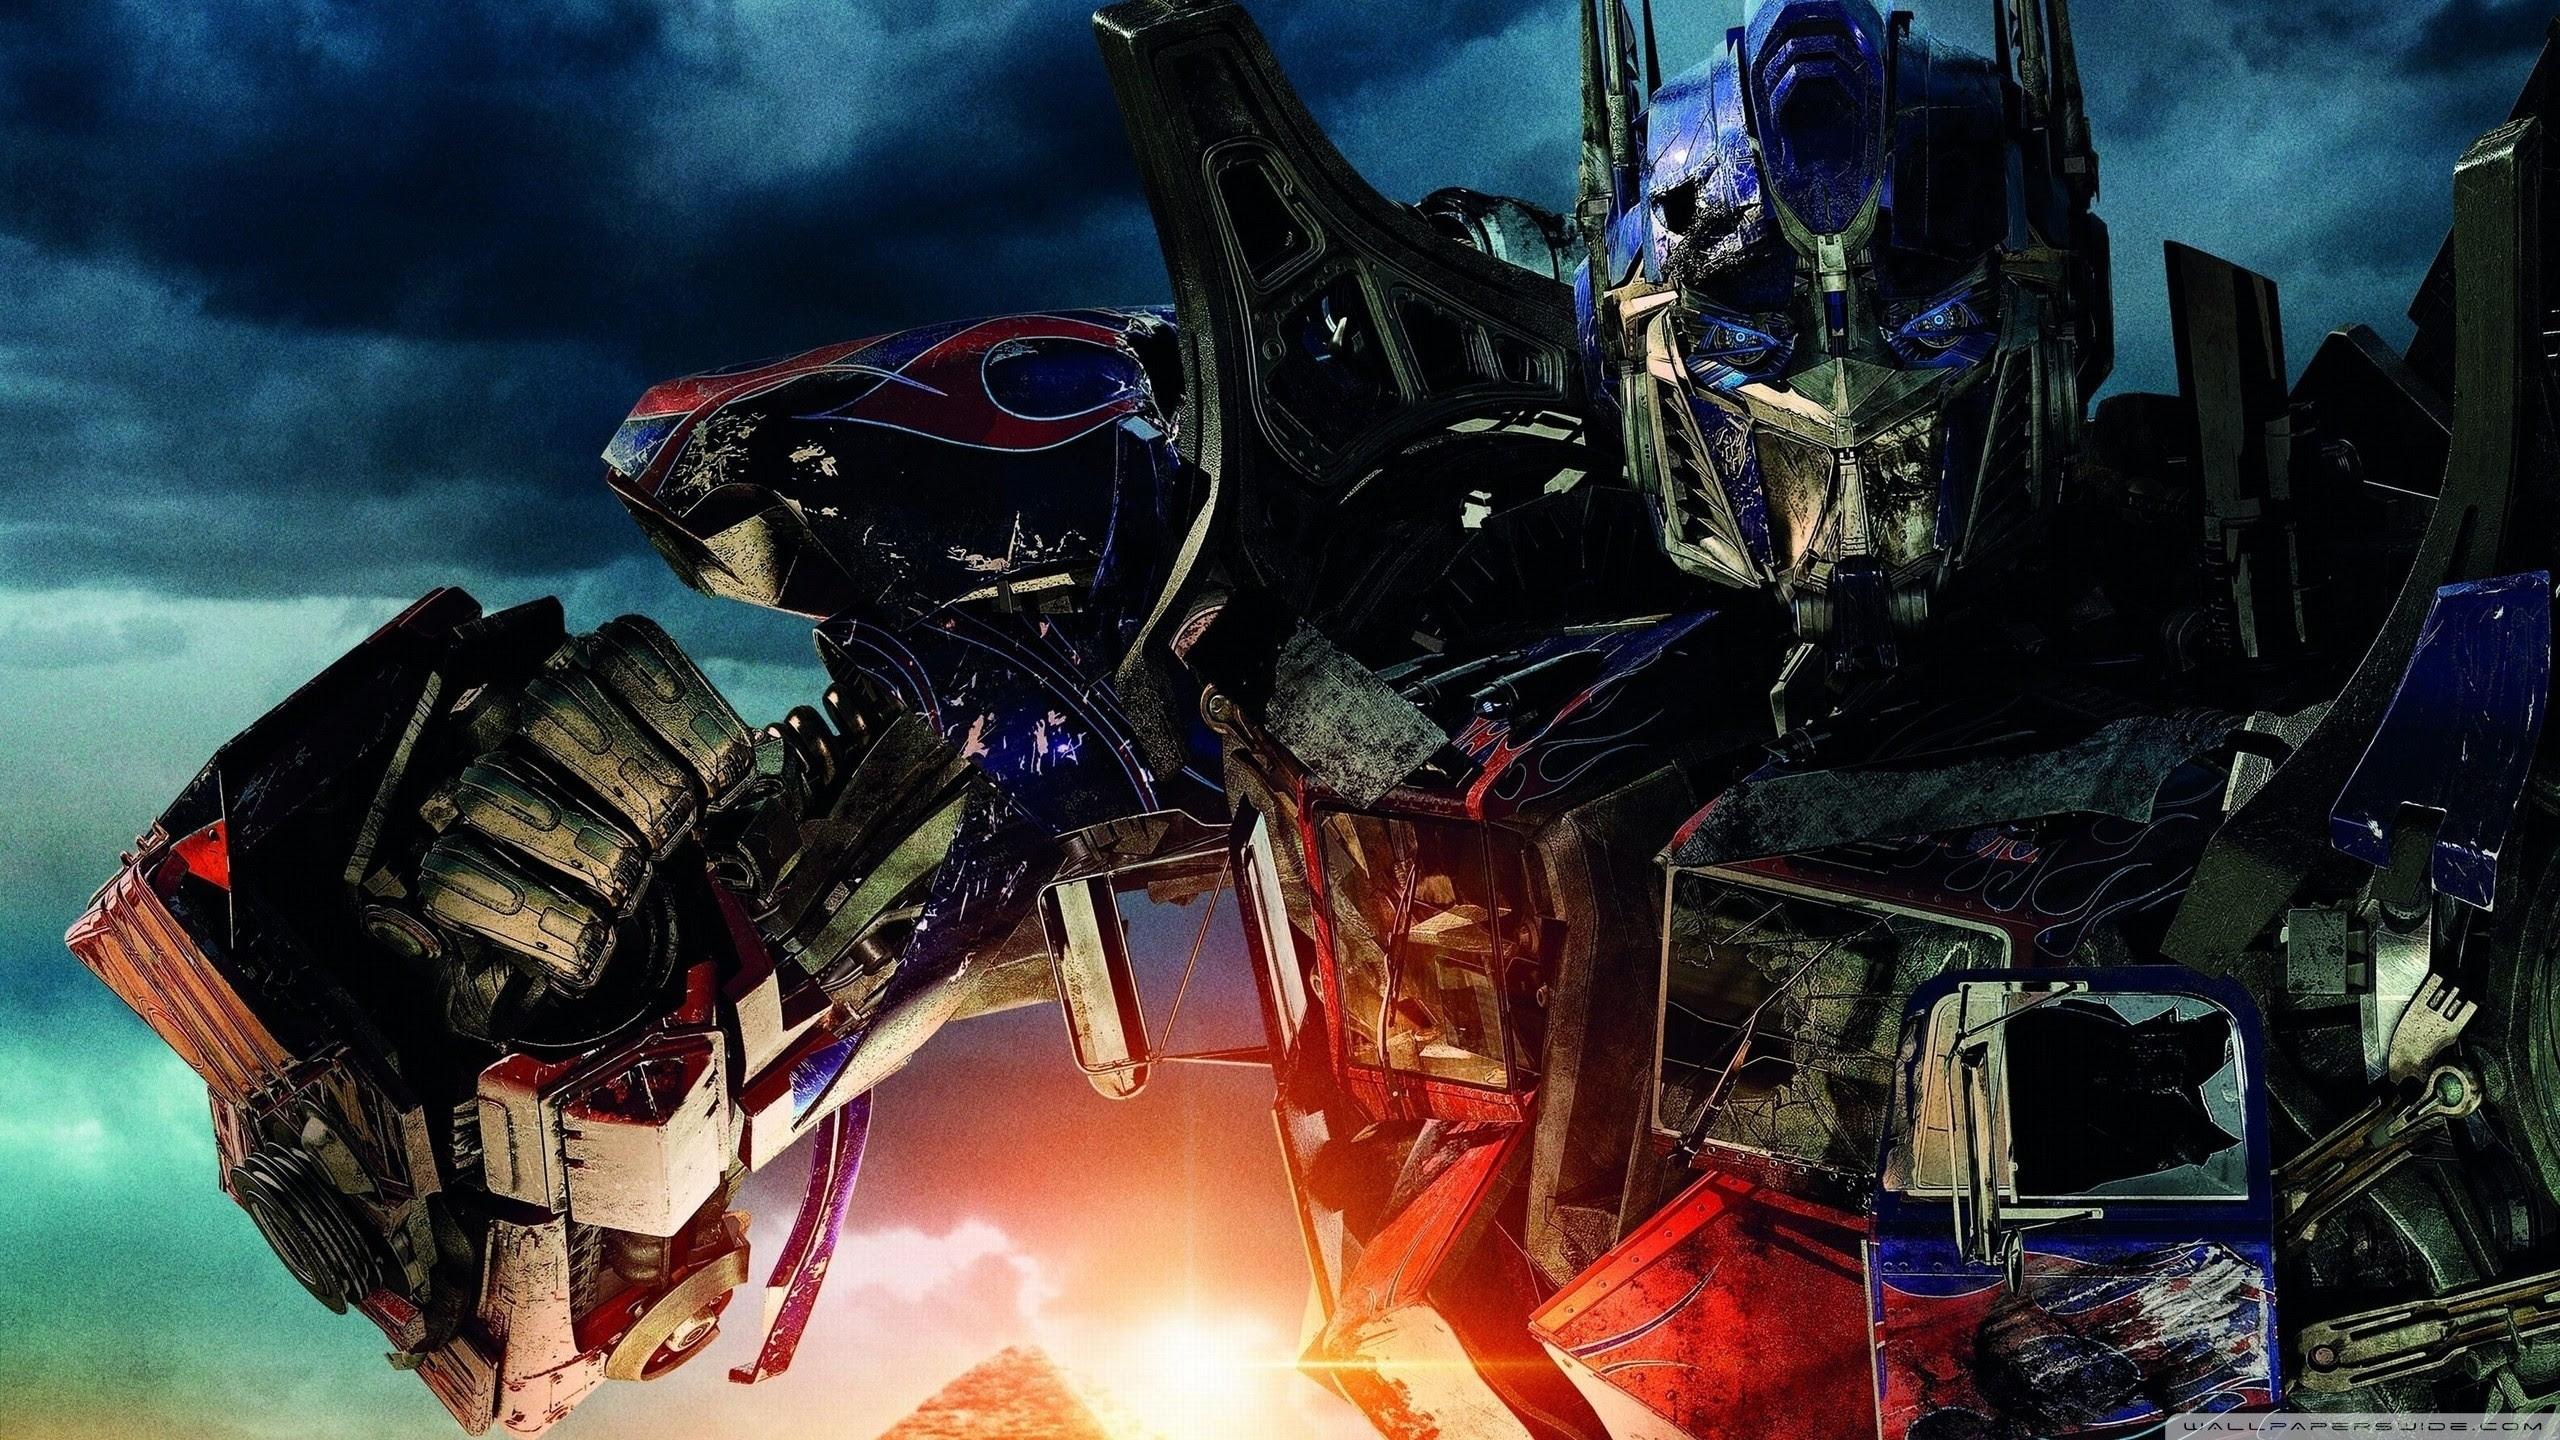 Transformers 2 Optimus Prime Wallpaper 64 Images